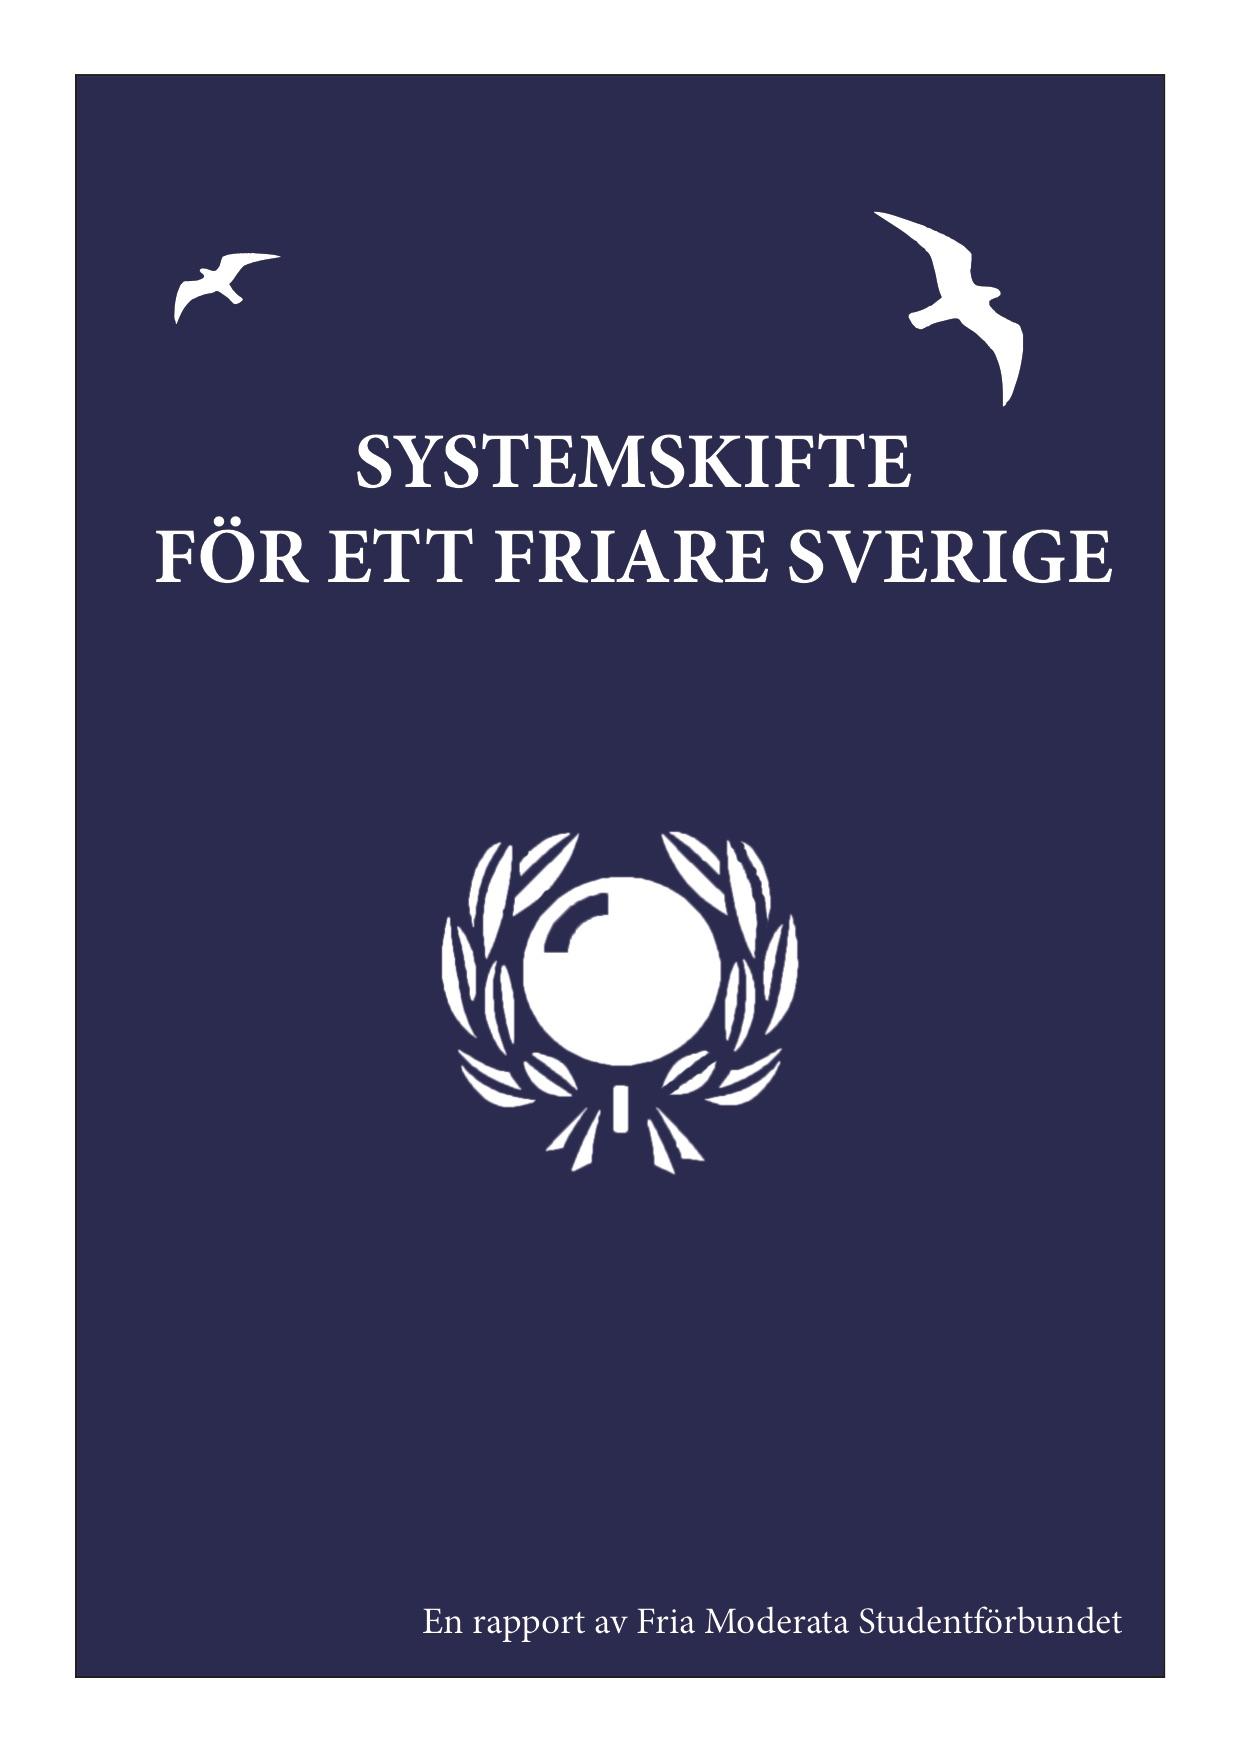 Systemskifte för ett friare Sverige